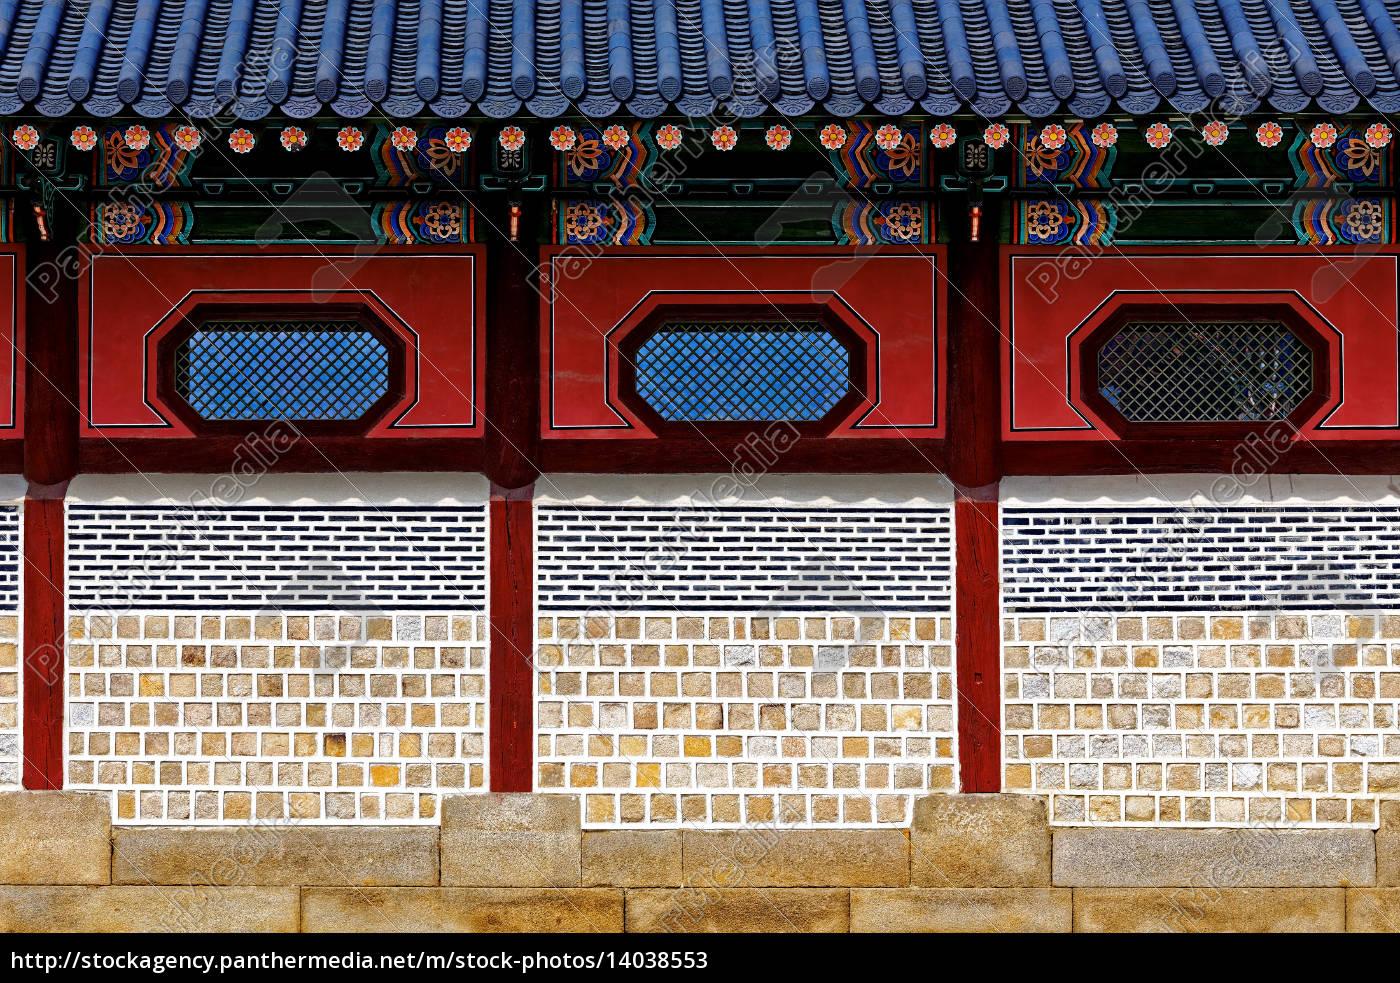 chinese-style, brick, wall - 14038553